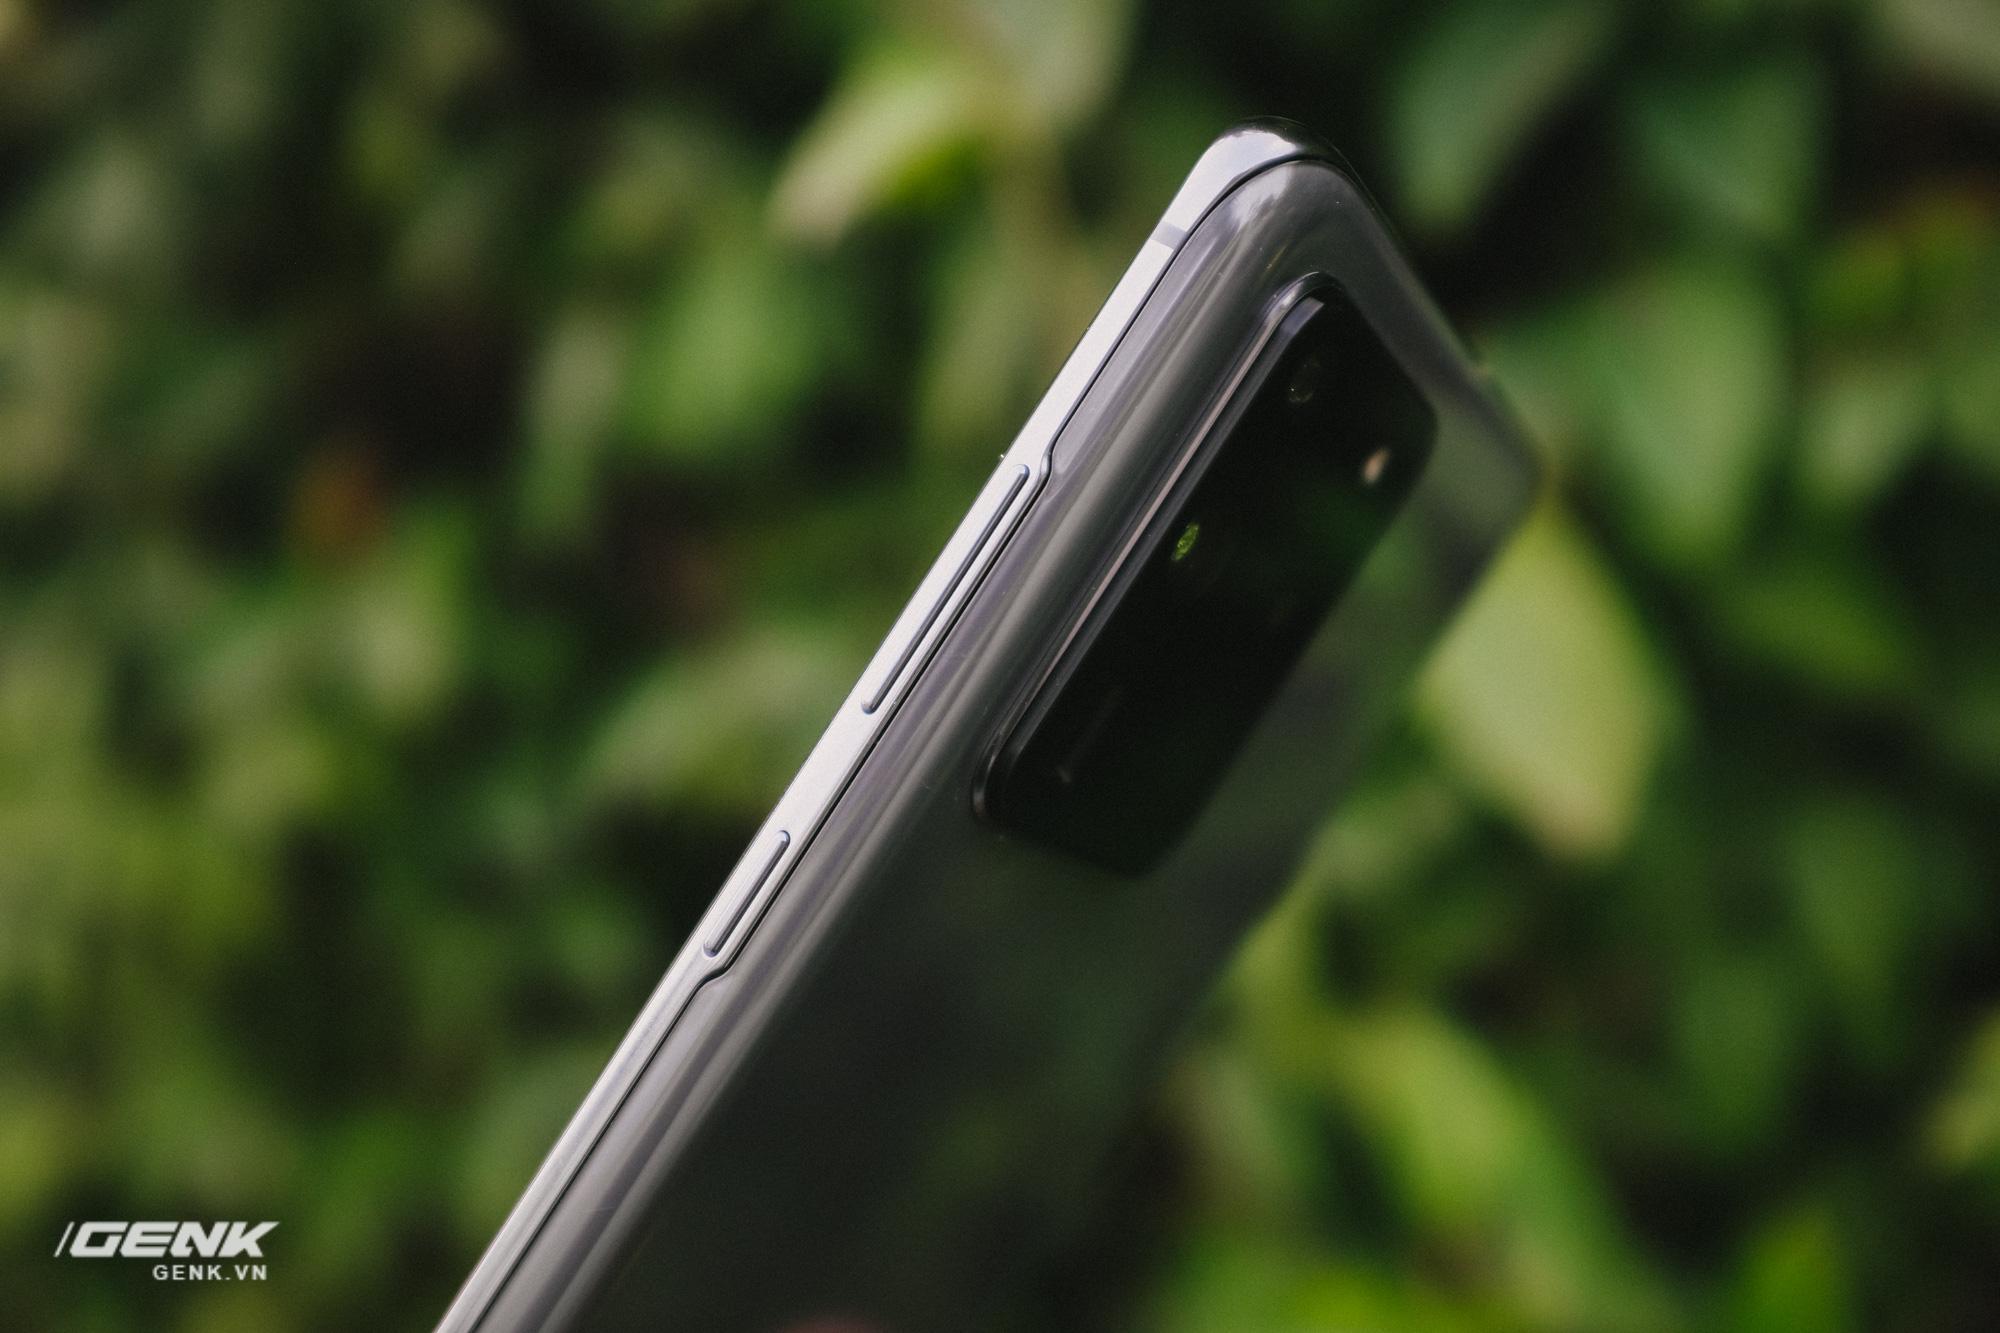 Những chi tiết thiết kế mới trên Galaxy S20 chứng tỏ Samsung vẫn bén lắm - Ảnh 2.